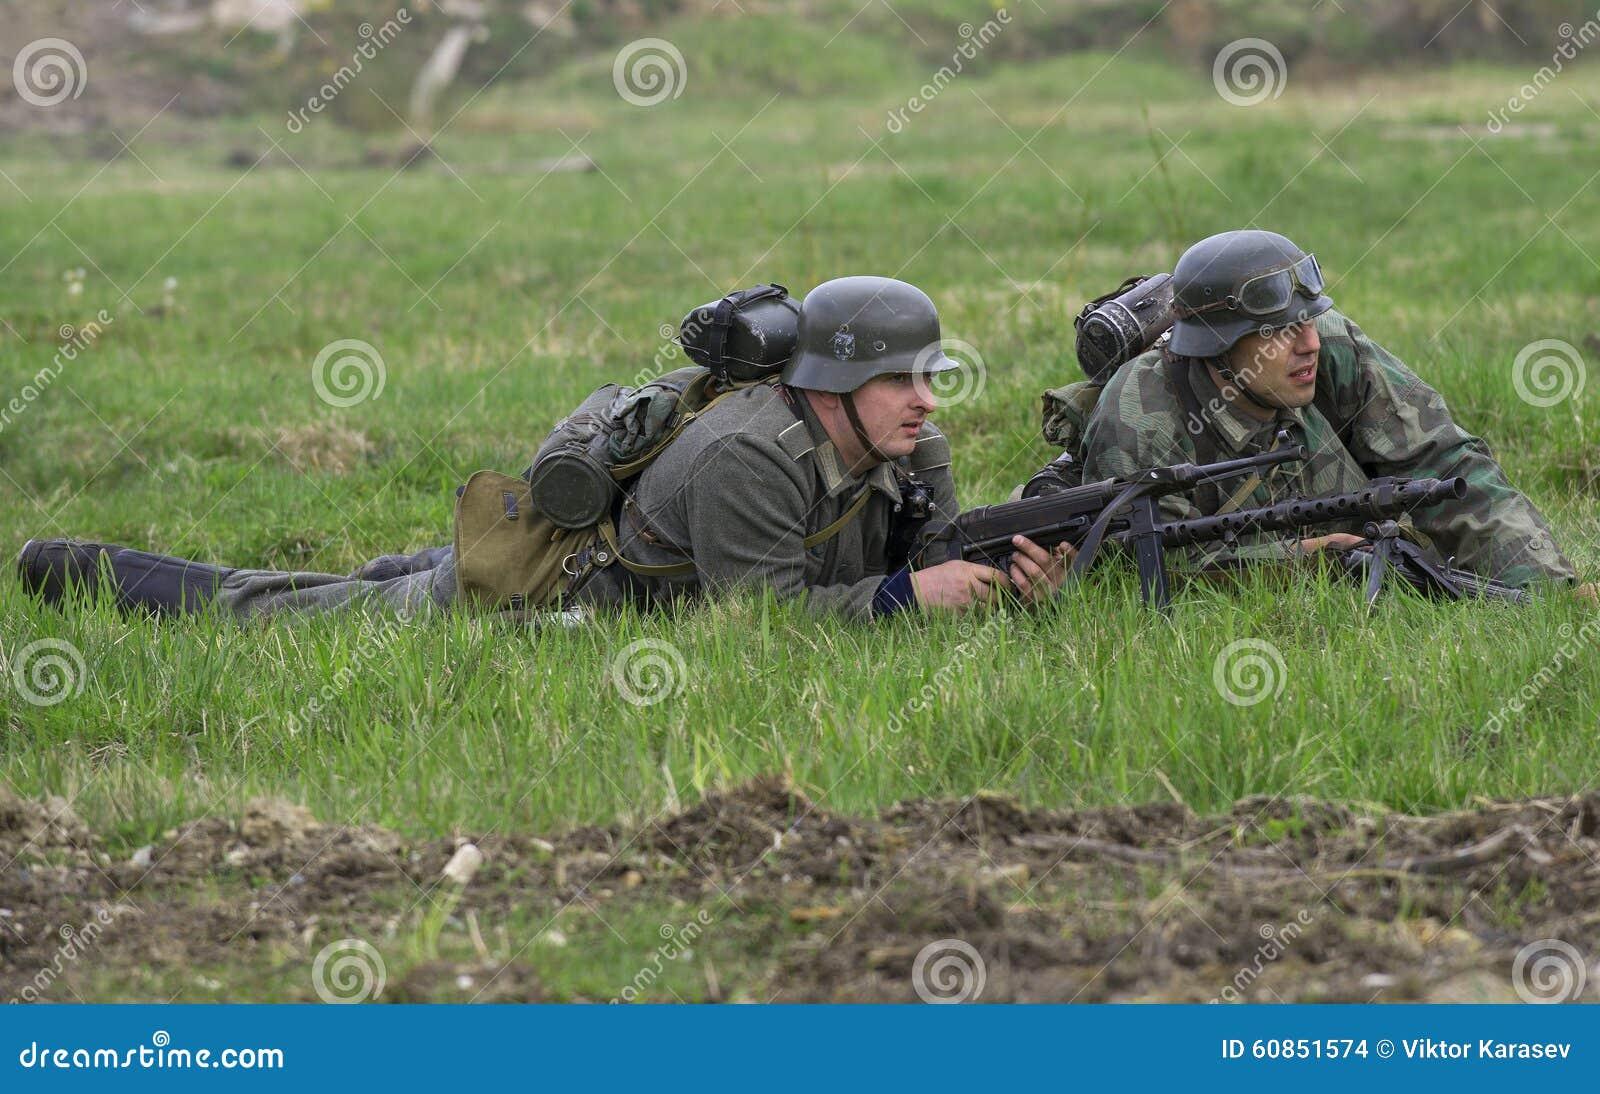 Artillero alemán del soldado de infantería y de máquina con una ametralladora que miente en la hierba Reconstrucción del episodio